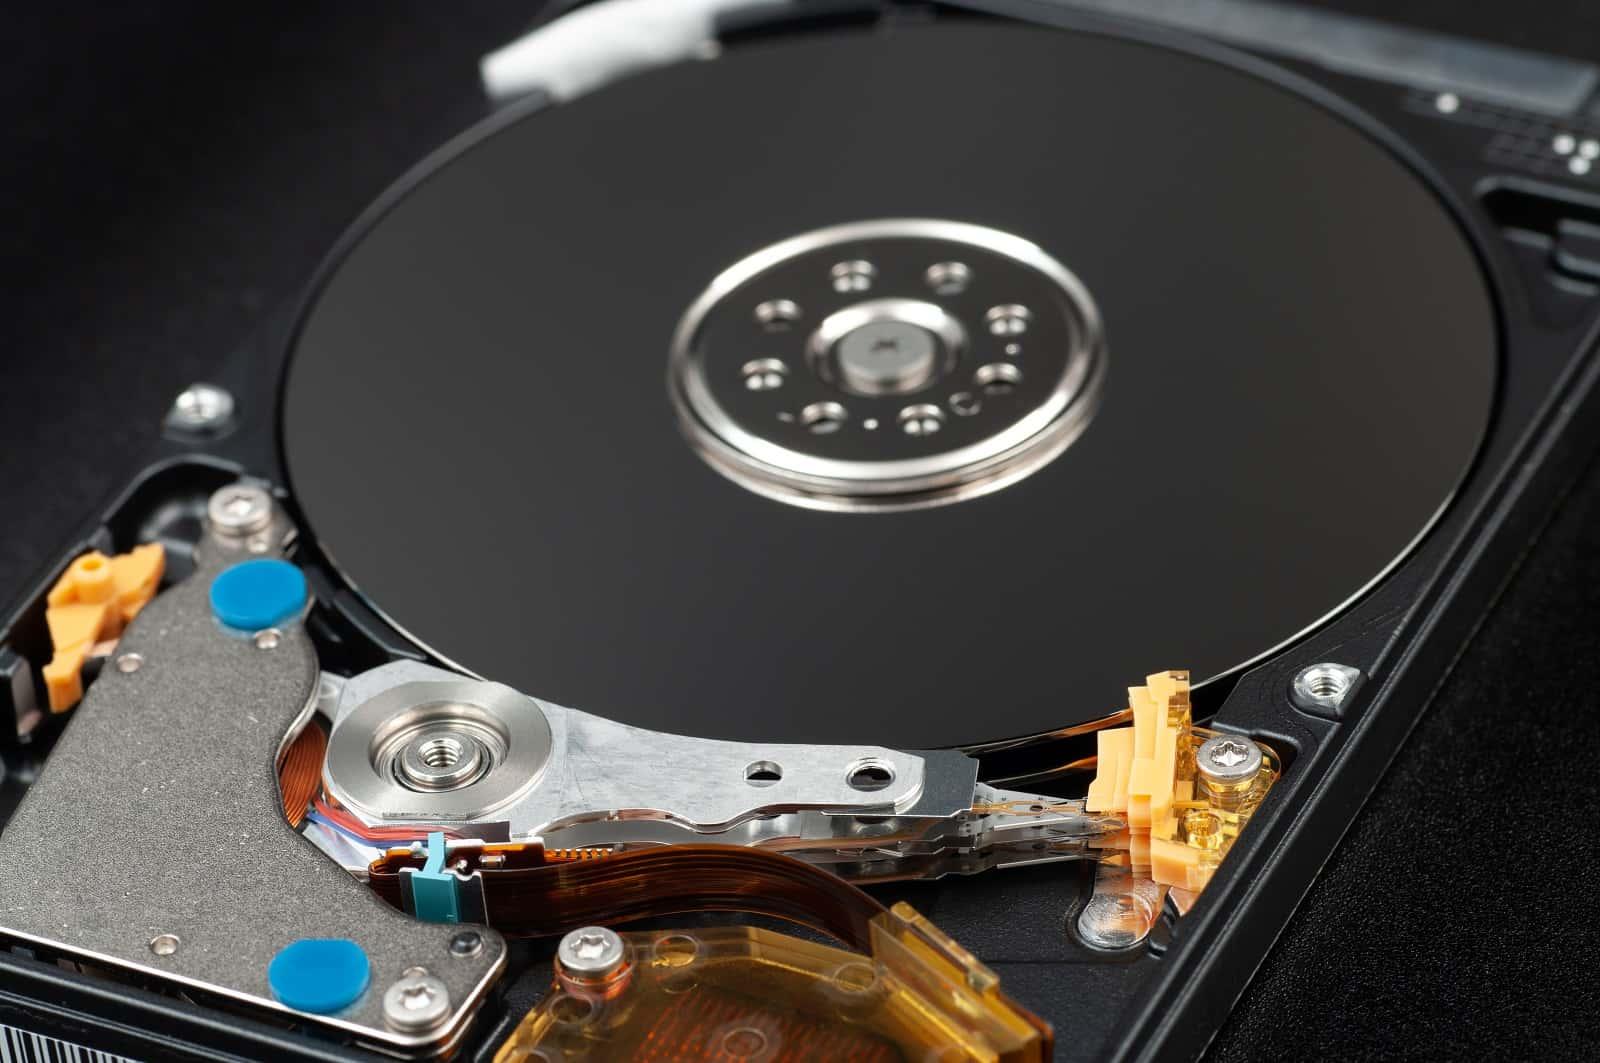 Almacenamiento de datos digitales